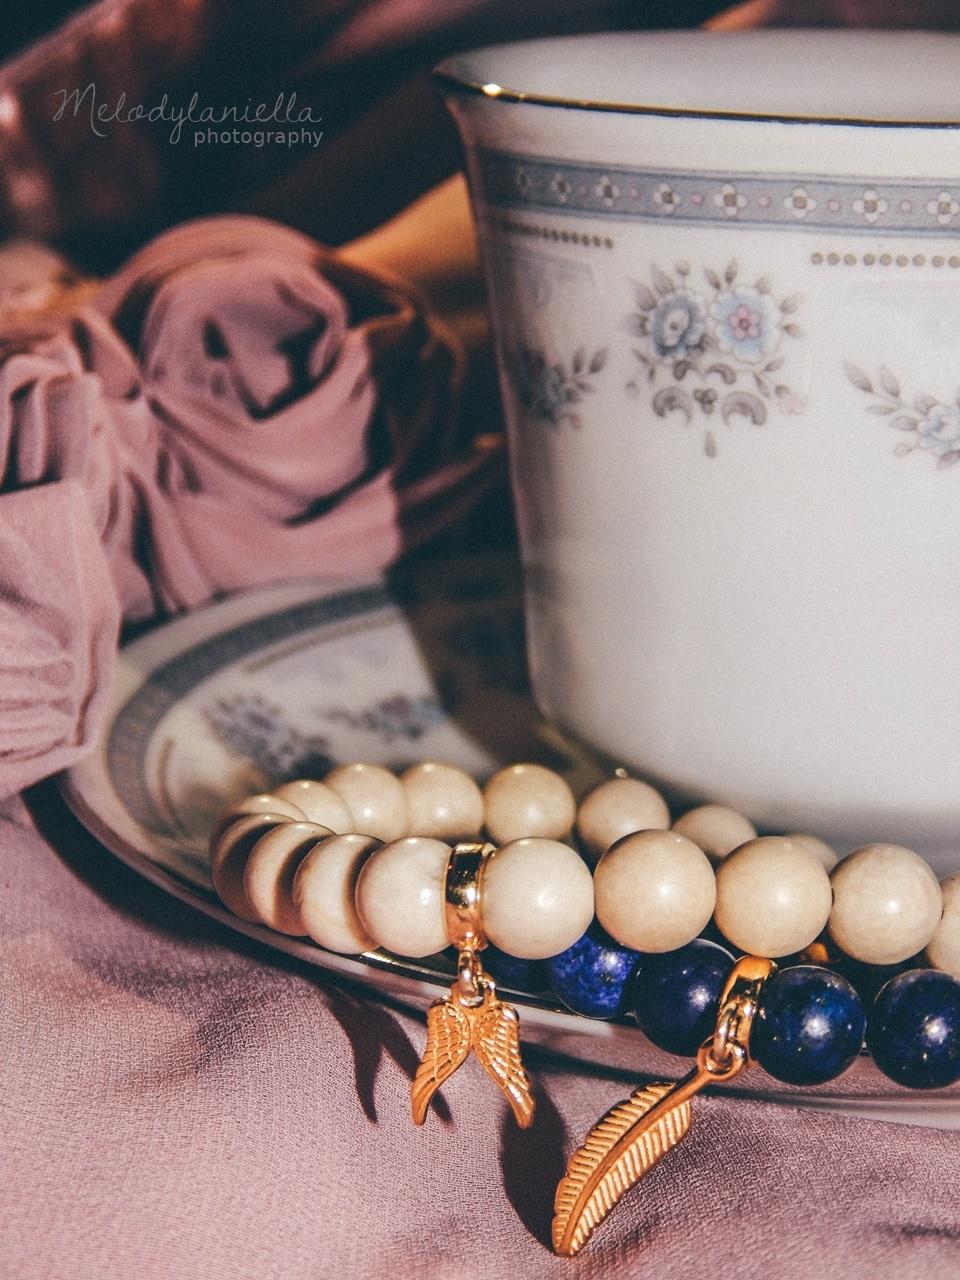 jewellery by Ana bizuteria bransoletki marmur charmsy 24k zloto skrzydla piórko marmur lapis lazuli fotografia melodylaniella prezennty dla kobiet